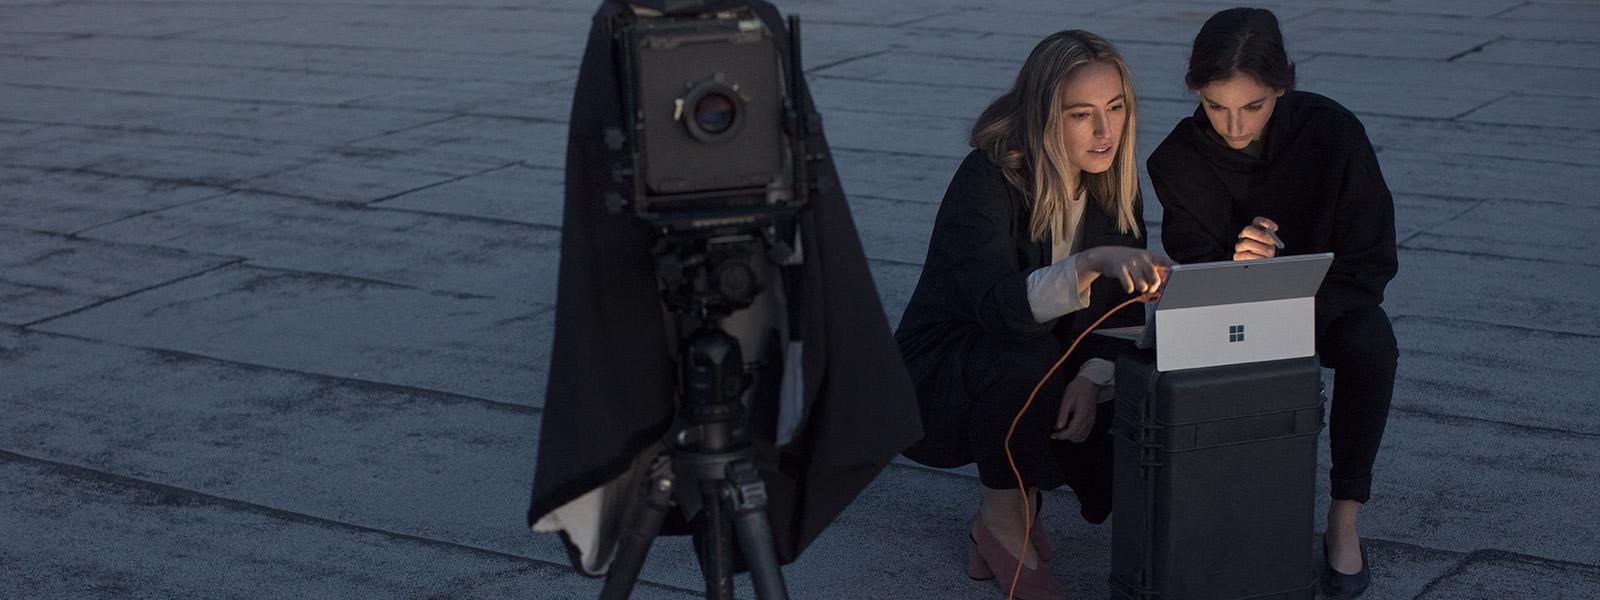 兩名攝影師使用 Surface Pro 檢閱資料帶